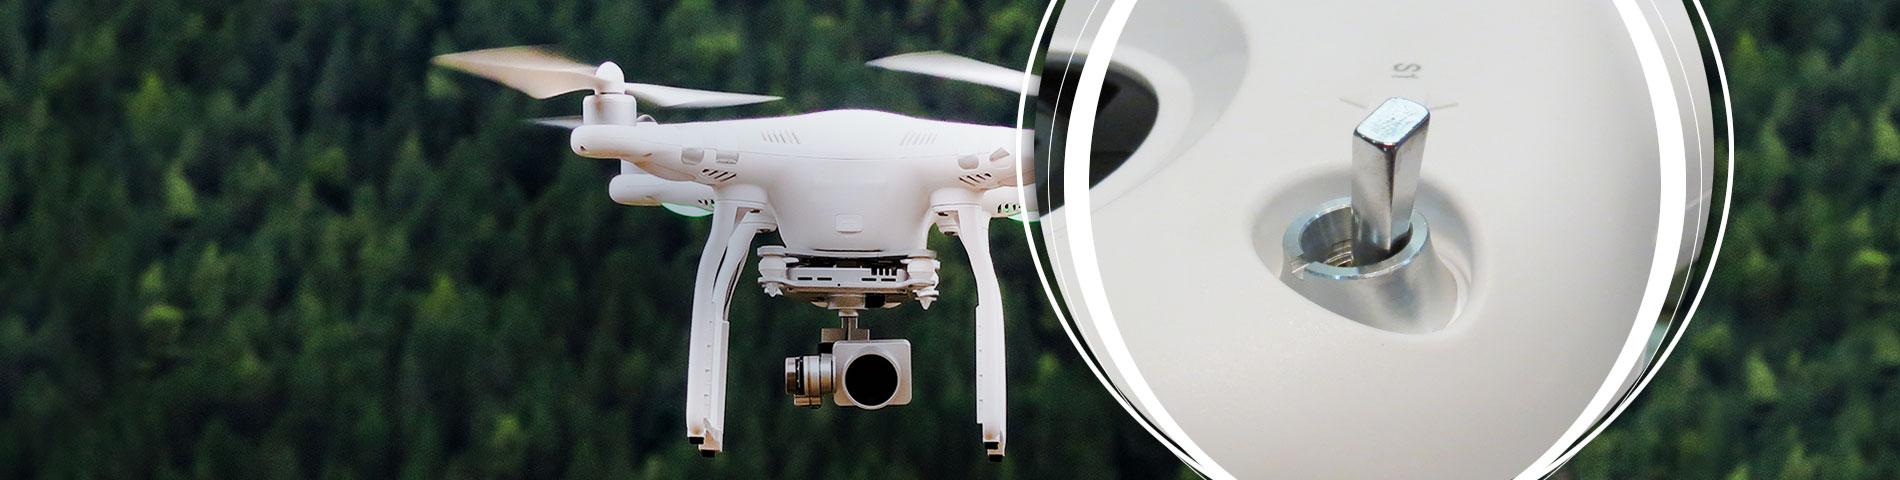 Model flyindustri - Gælder for fjernbetjening af UAV